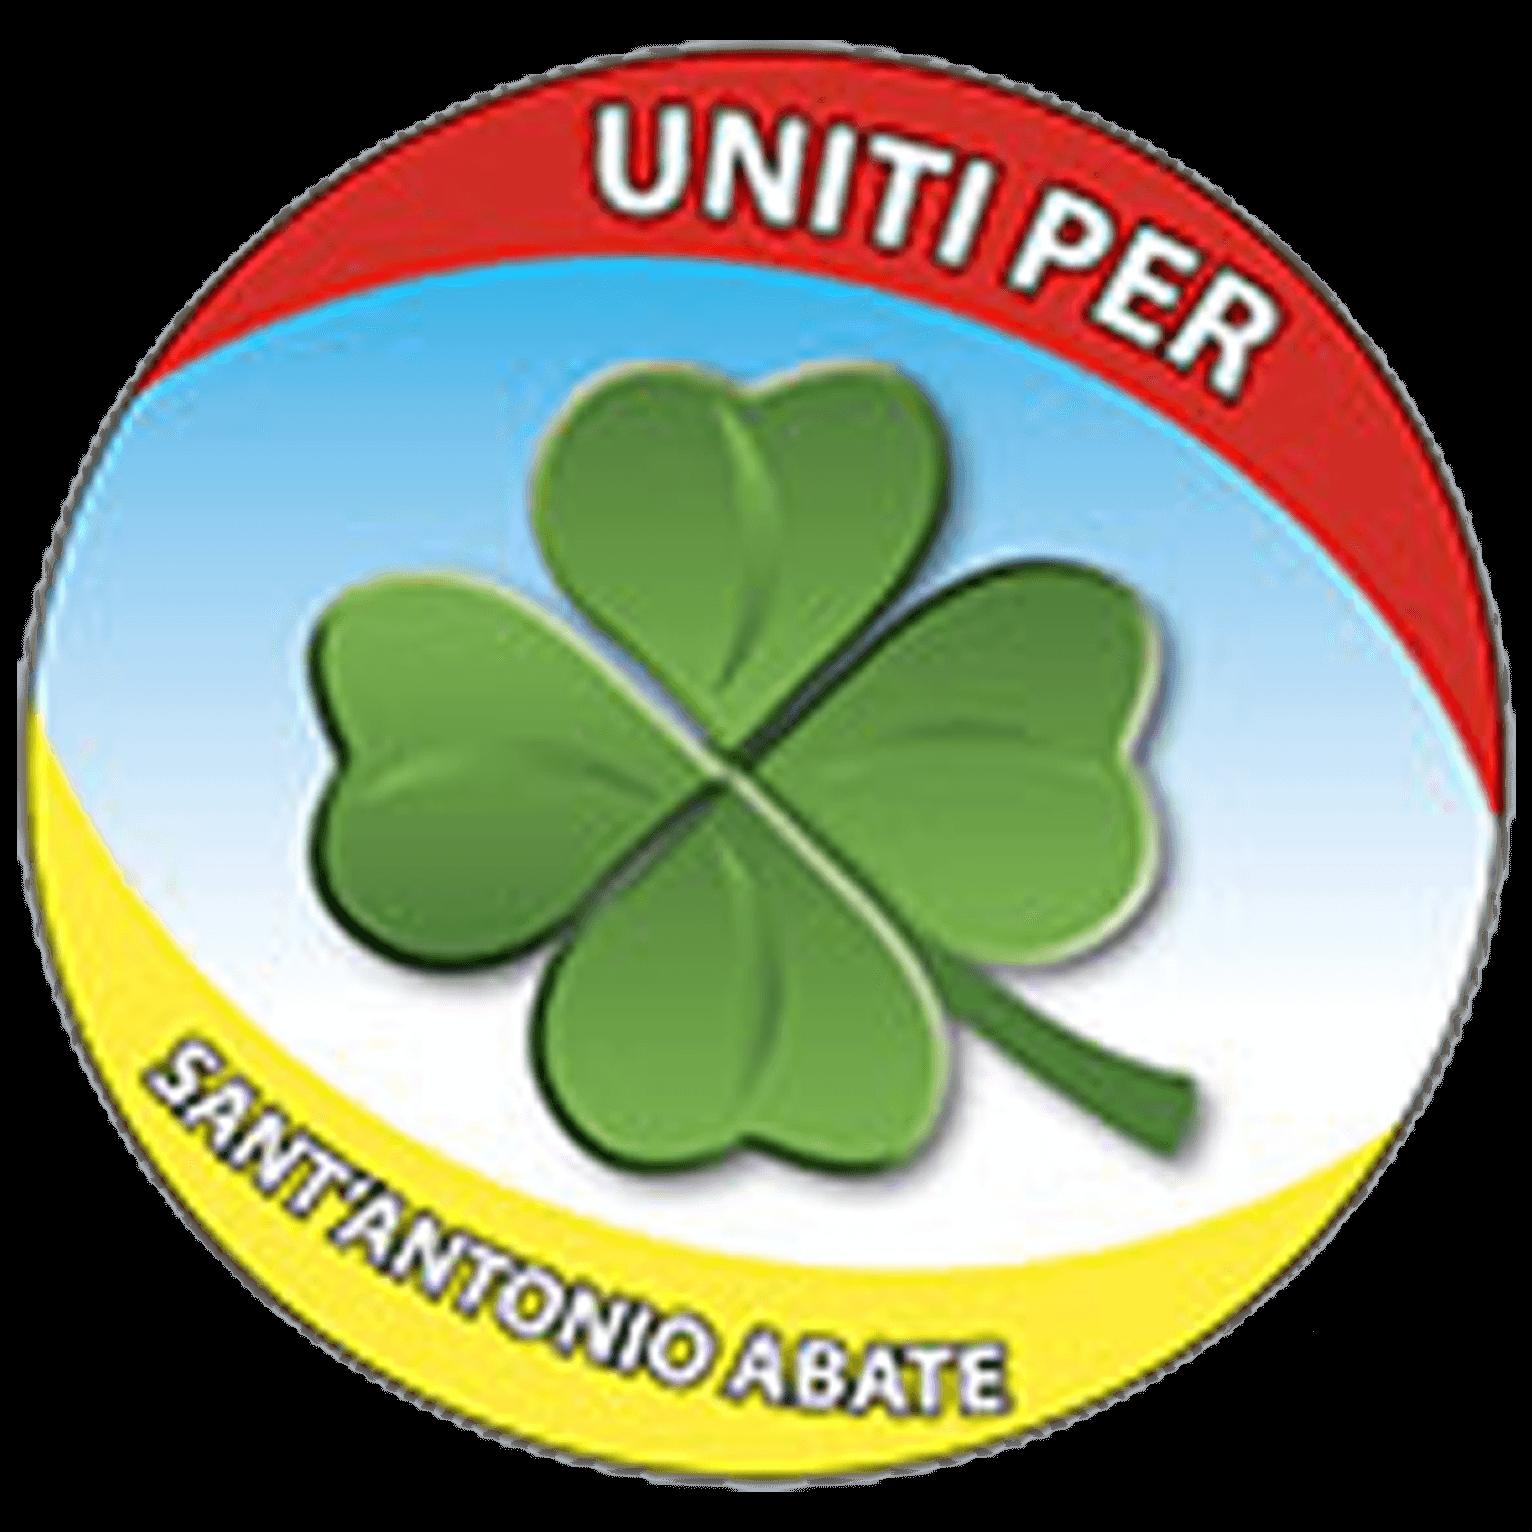 Lista civica uniti per sant antonio abate a sostegno di carmine daniello sindaco